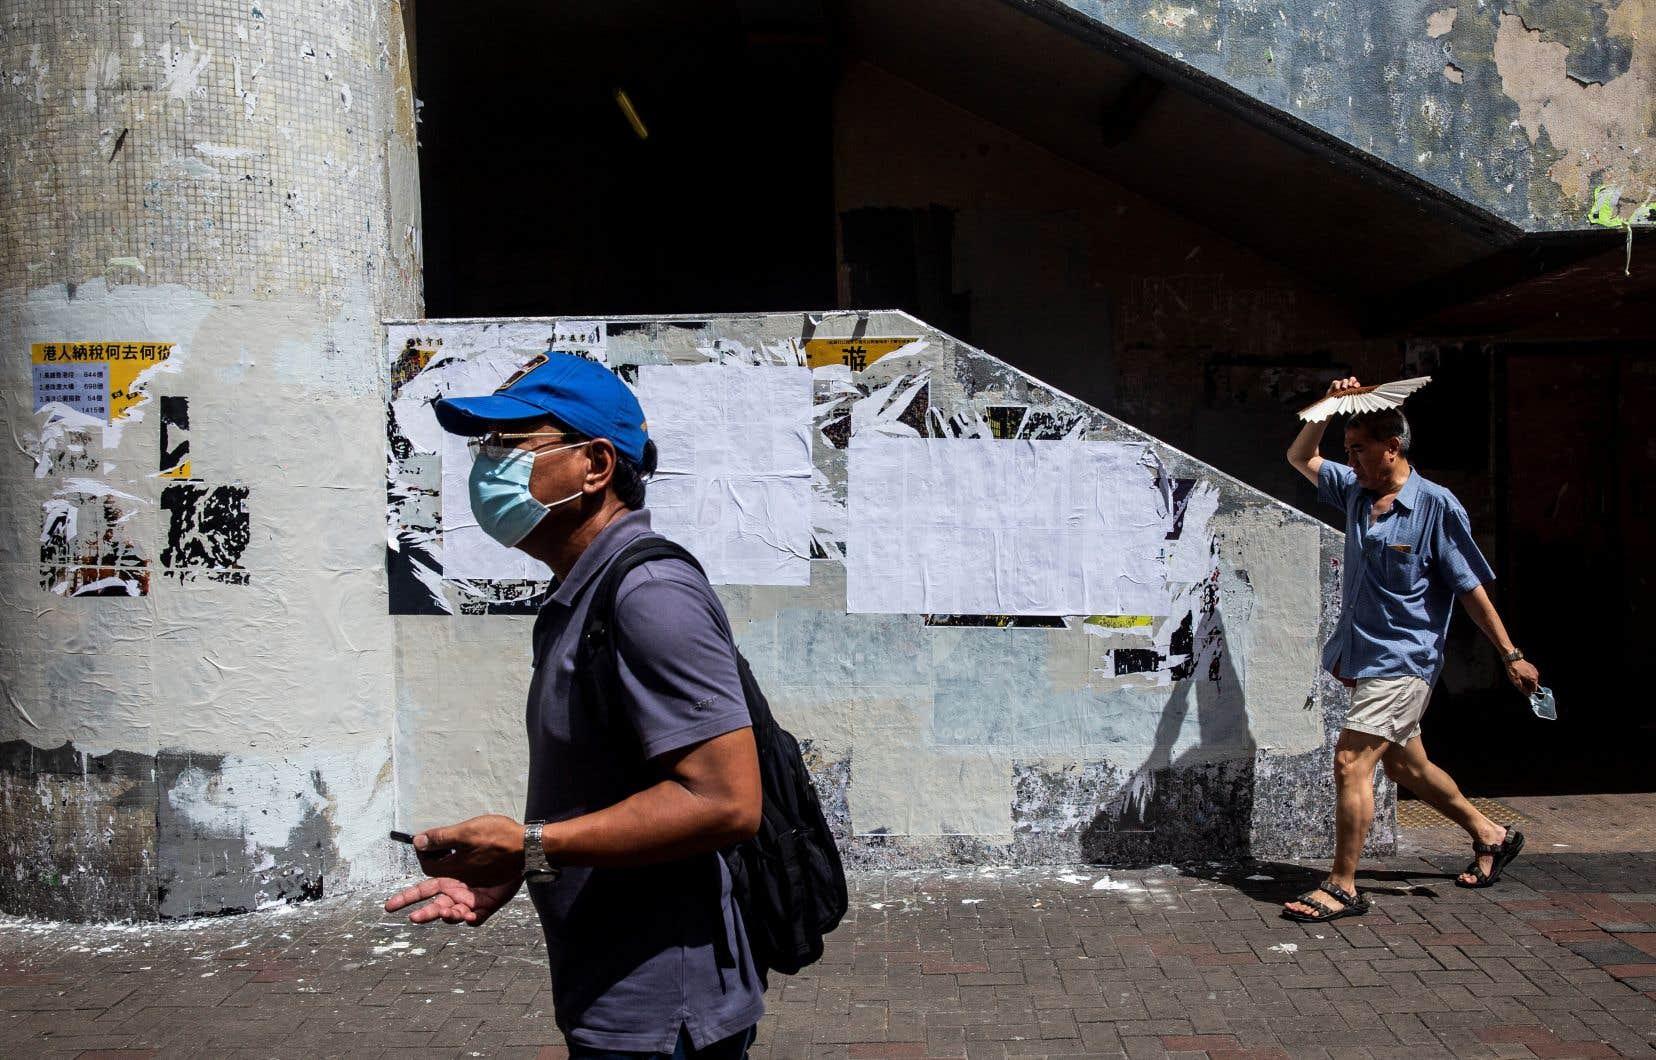 Des citoyens de Hong Kong passent devant un mur avec des affiches pro-démocratie qui ont été recouvertes de papier vierge.